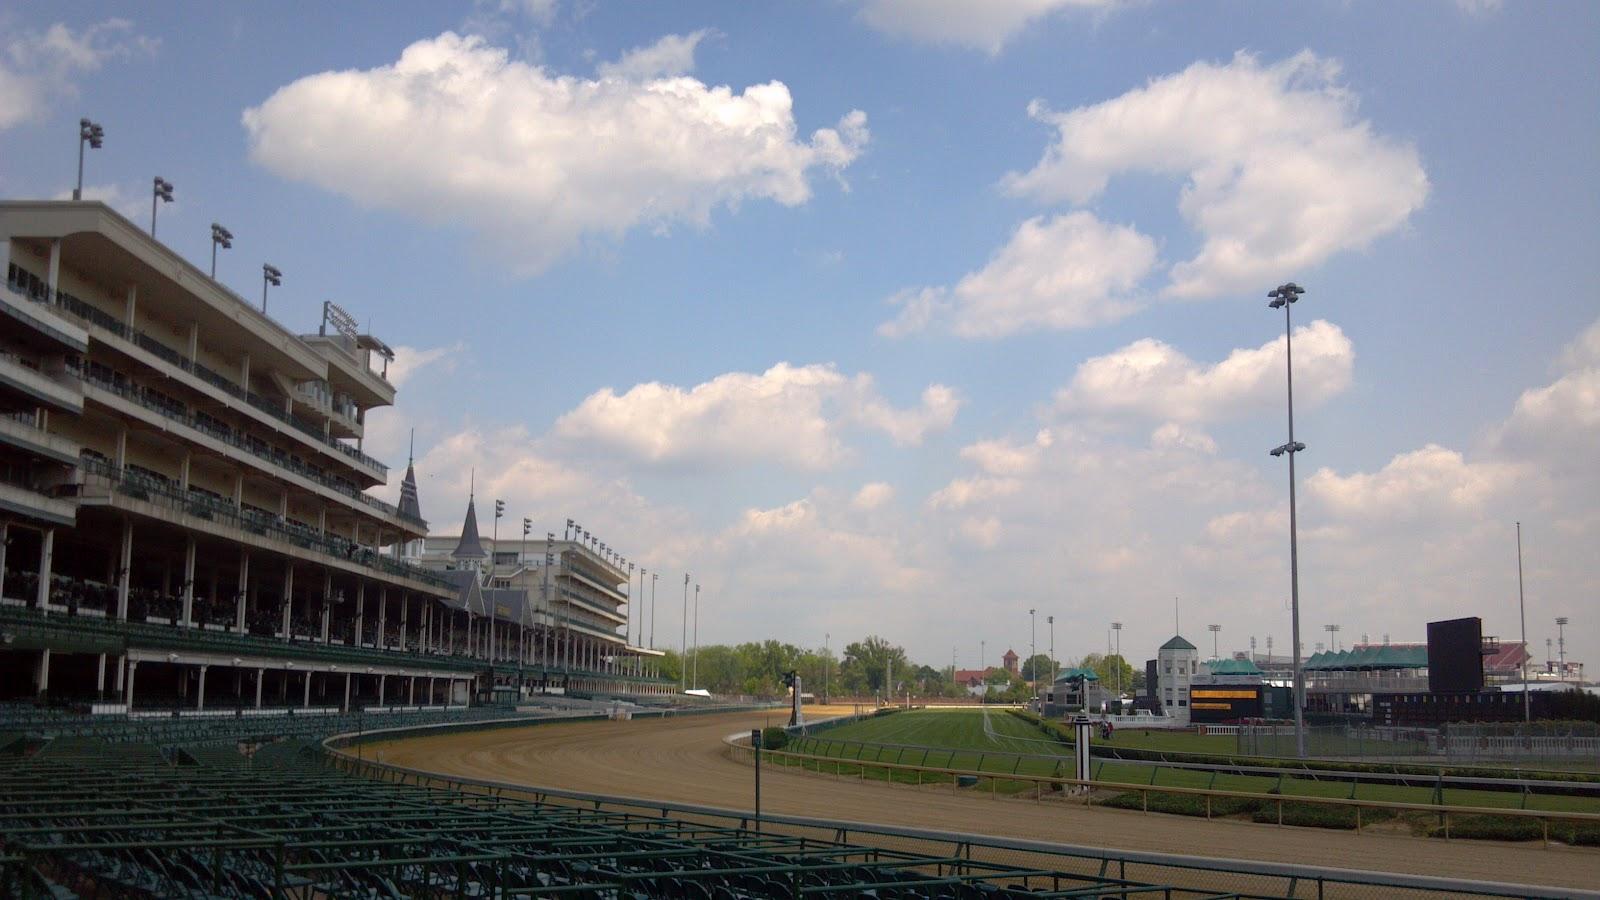 Kentucky Derby Backdrop